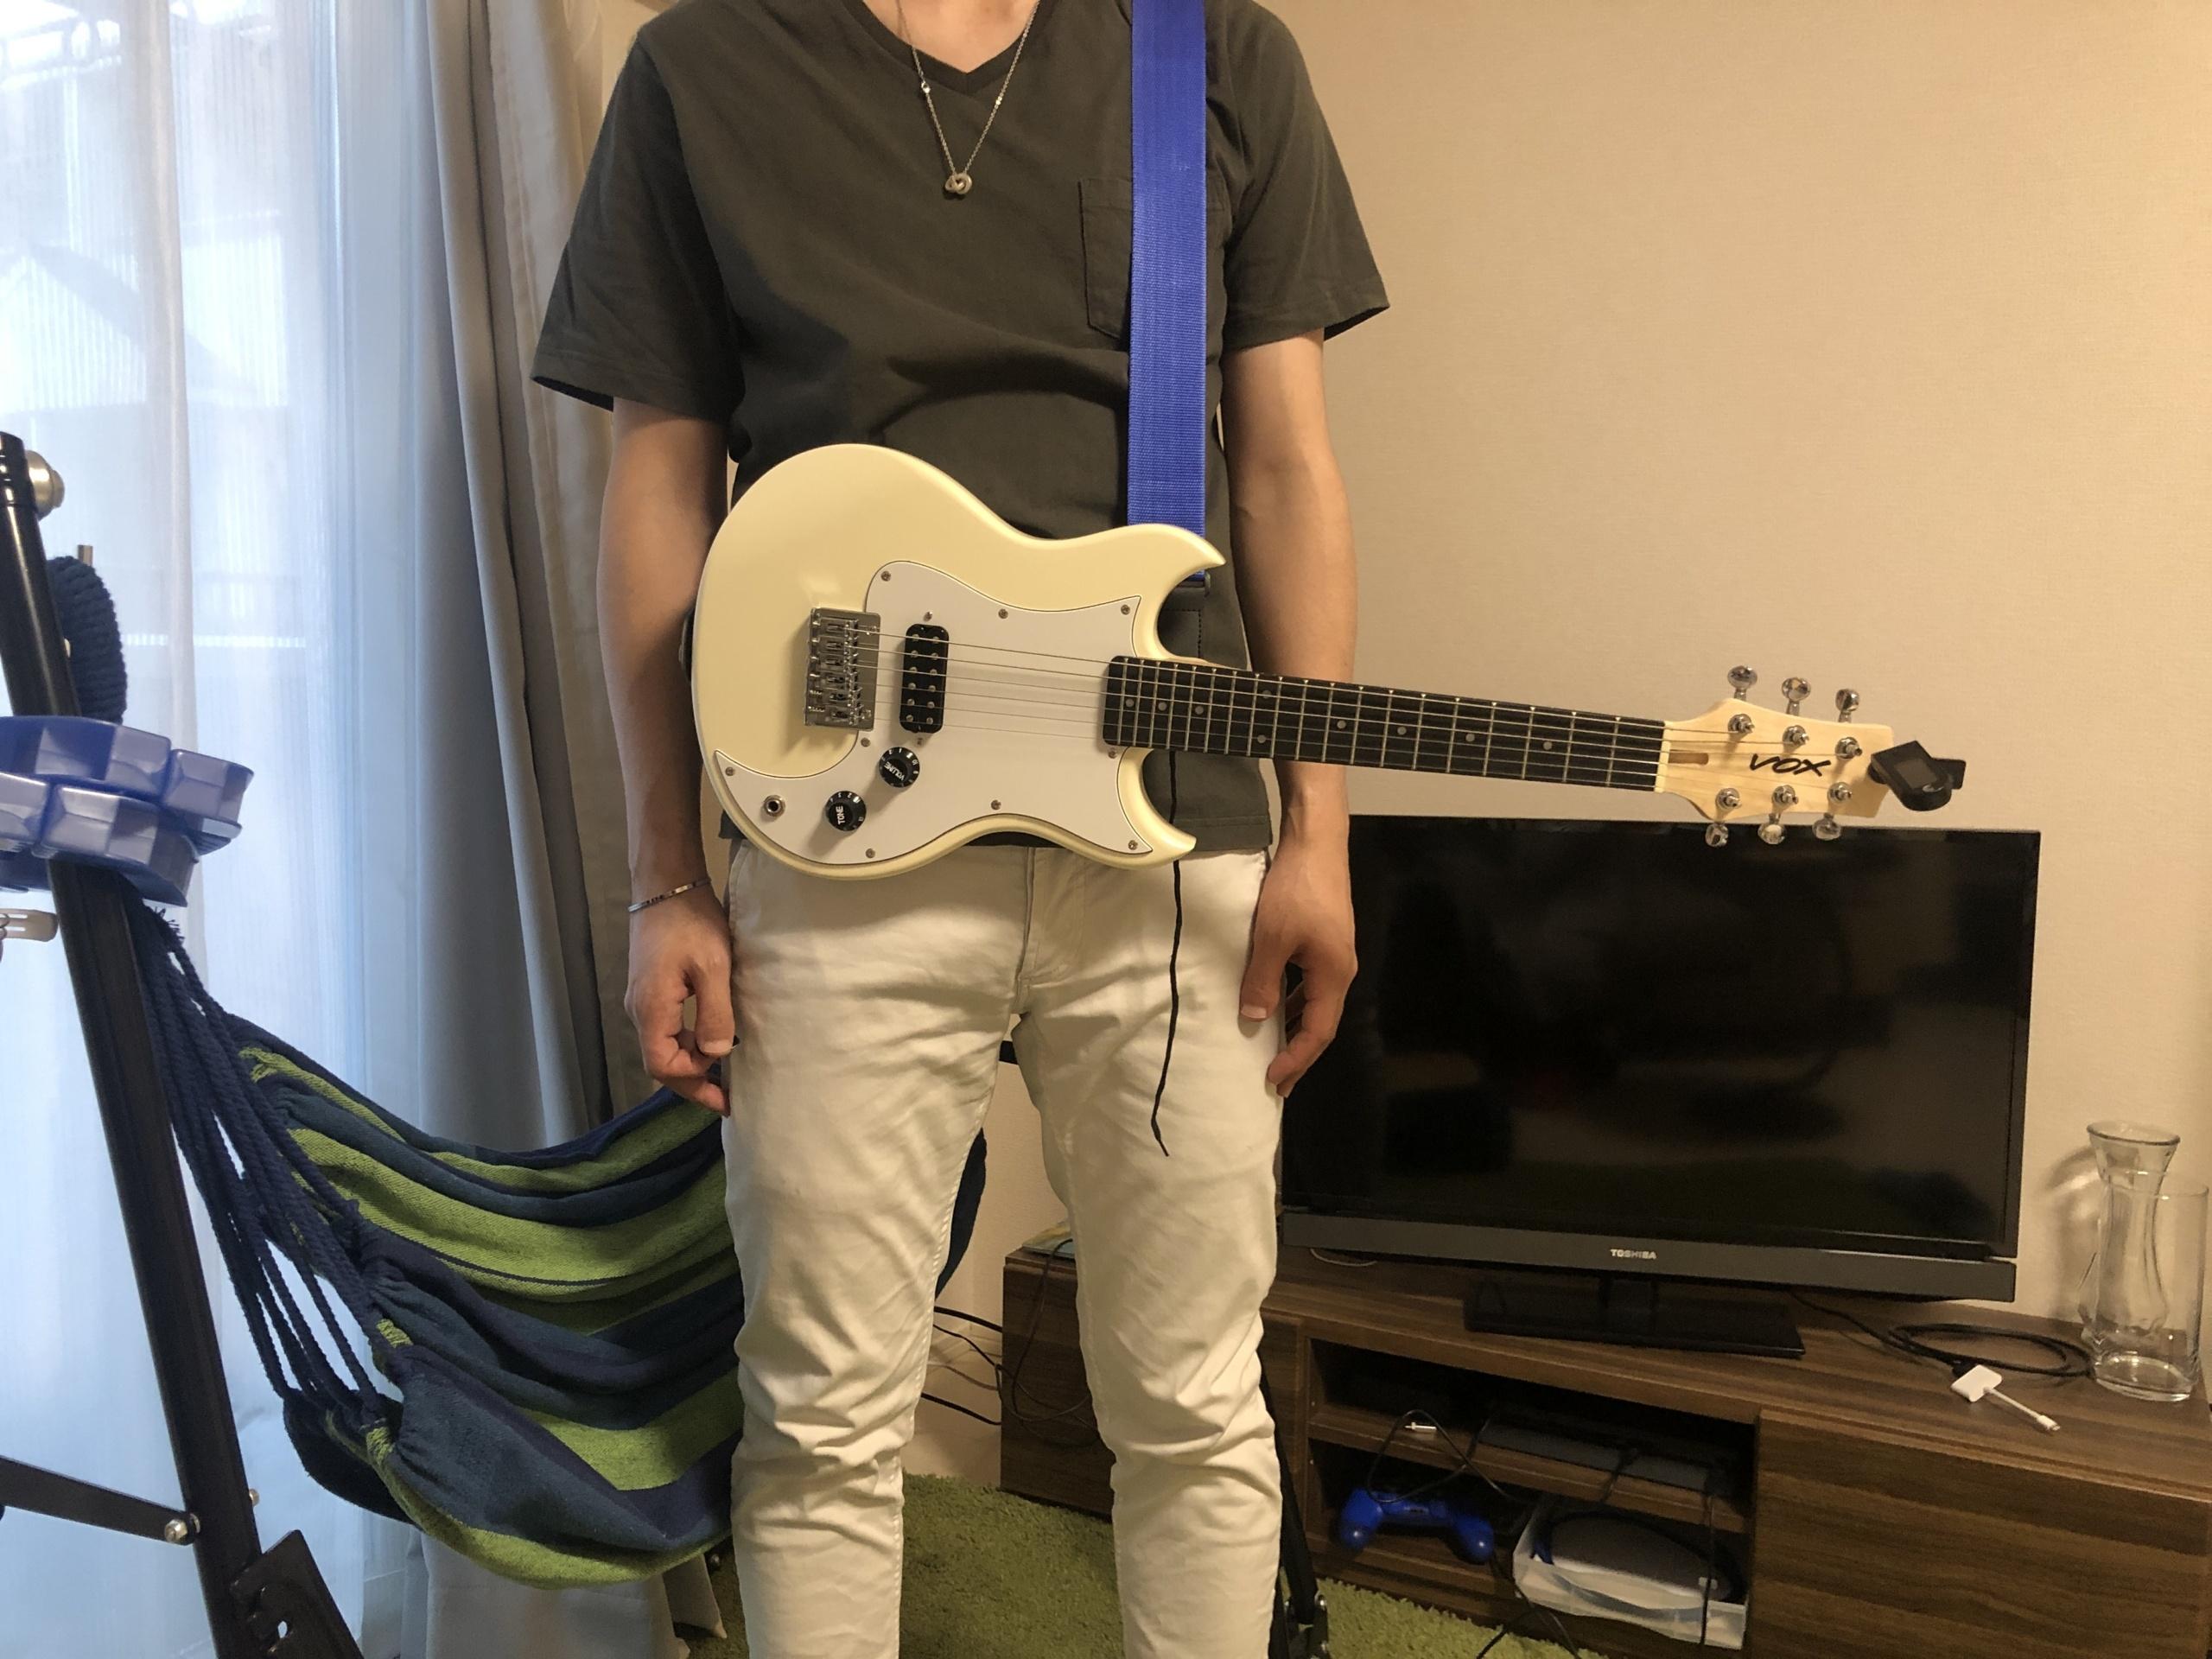 VOXミニギターSDC-1 mini 立って演奏 手を離したところ